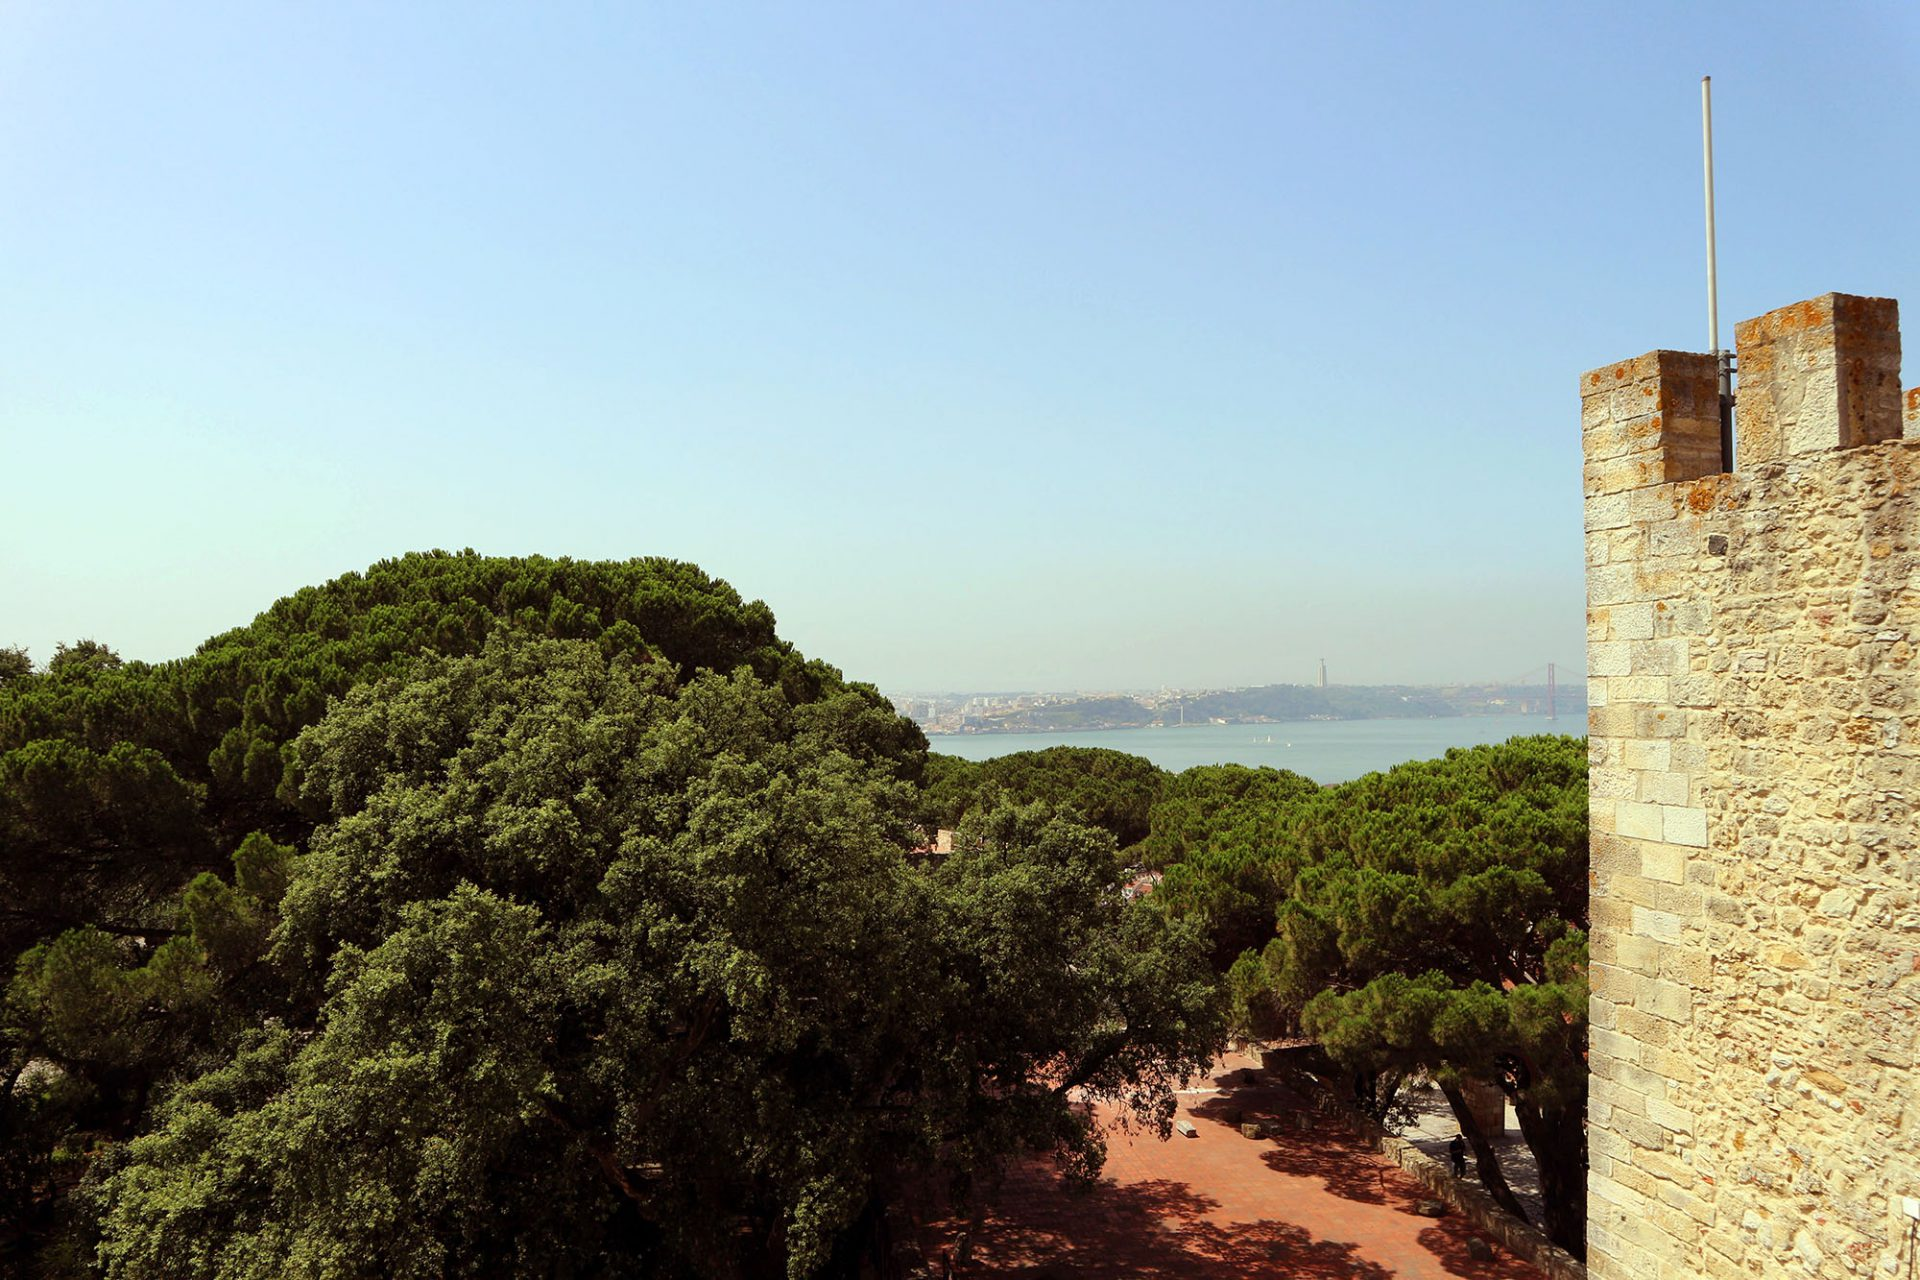 Castelo de São Jorge.  Anlässlich der Feierlichkeiten zur 800 Jahre zurückliegenden Reconquista (Rückeroberung) wurde die Festungsanlage 1938 rekonstruiert.